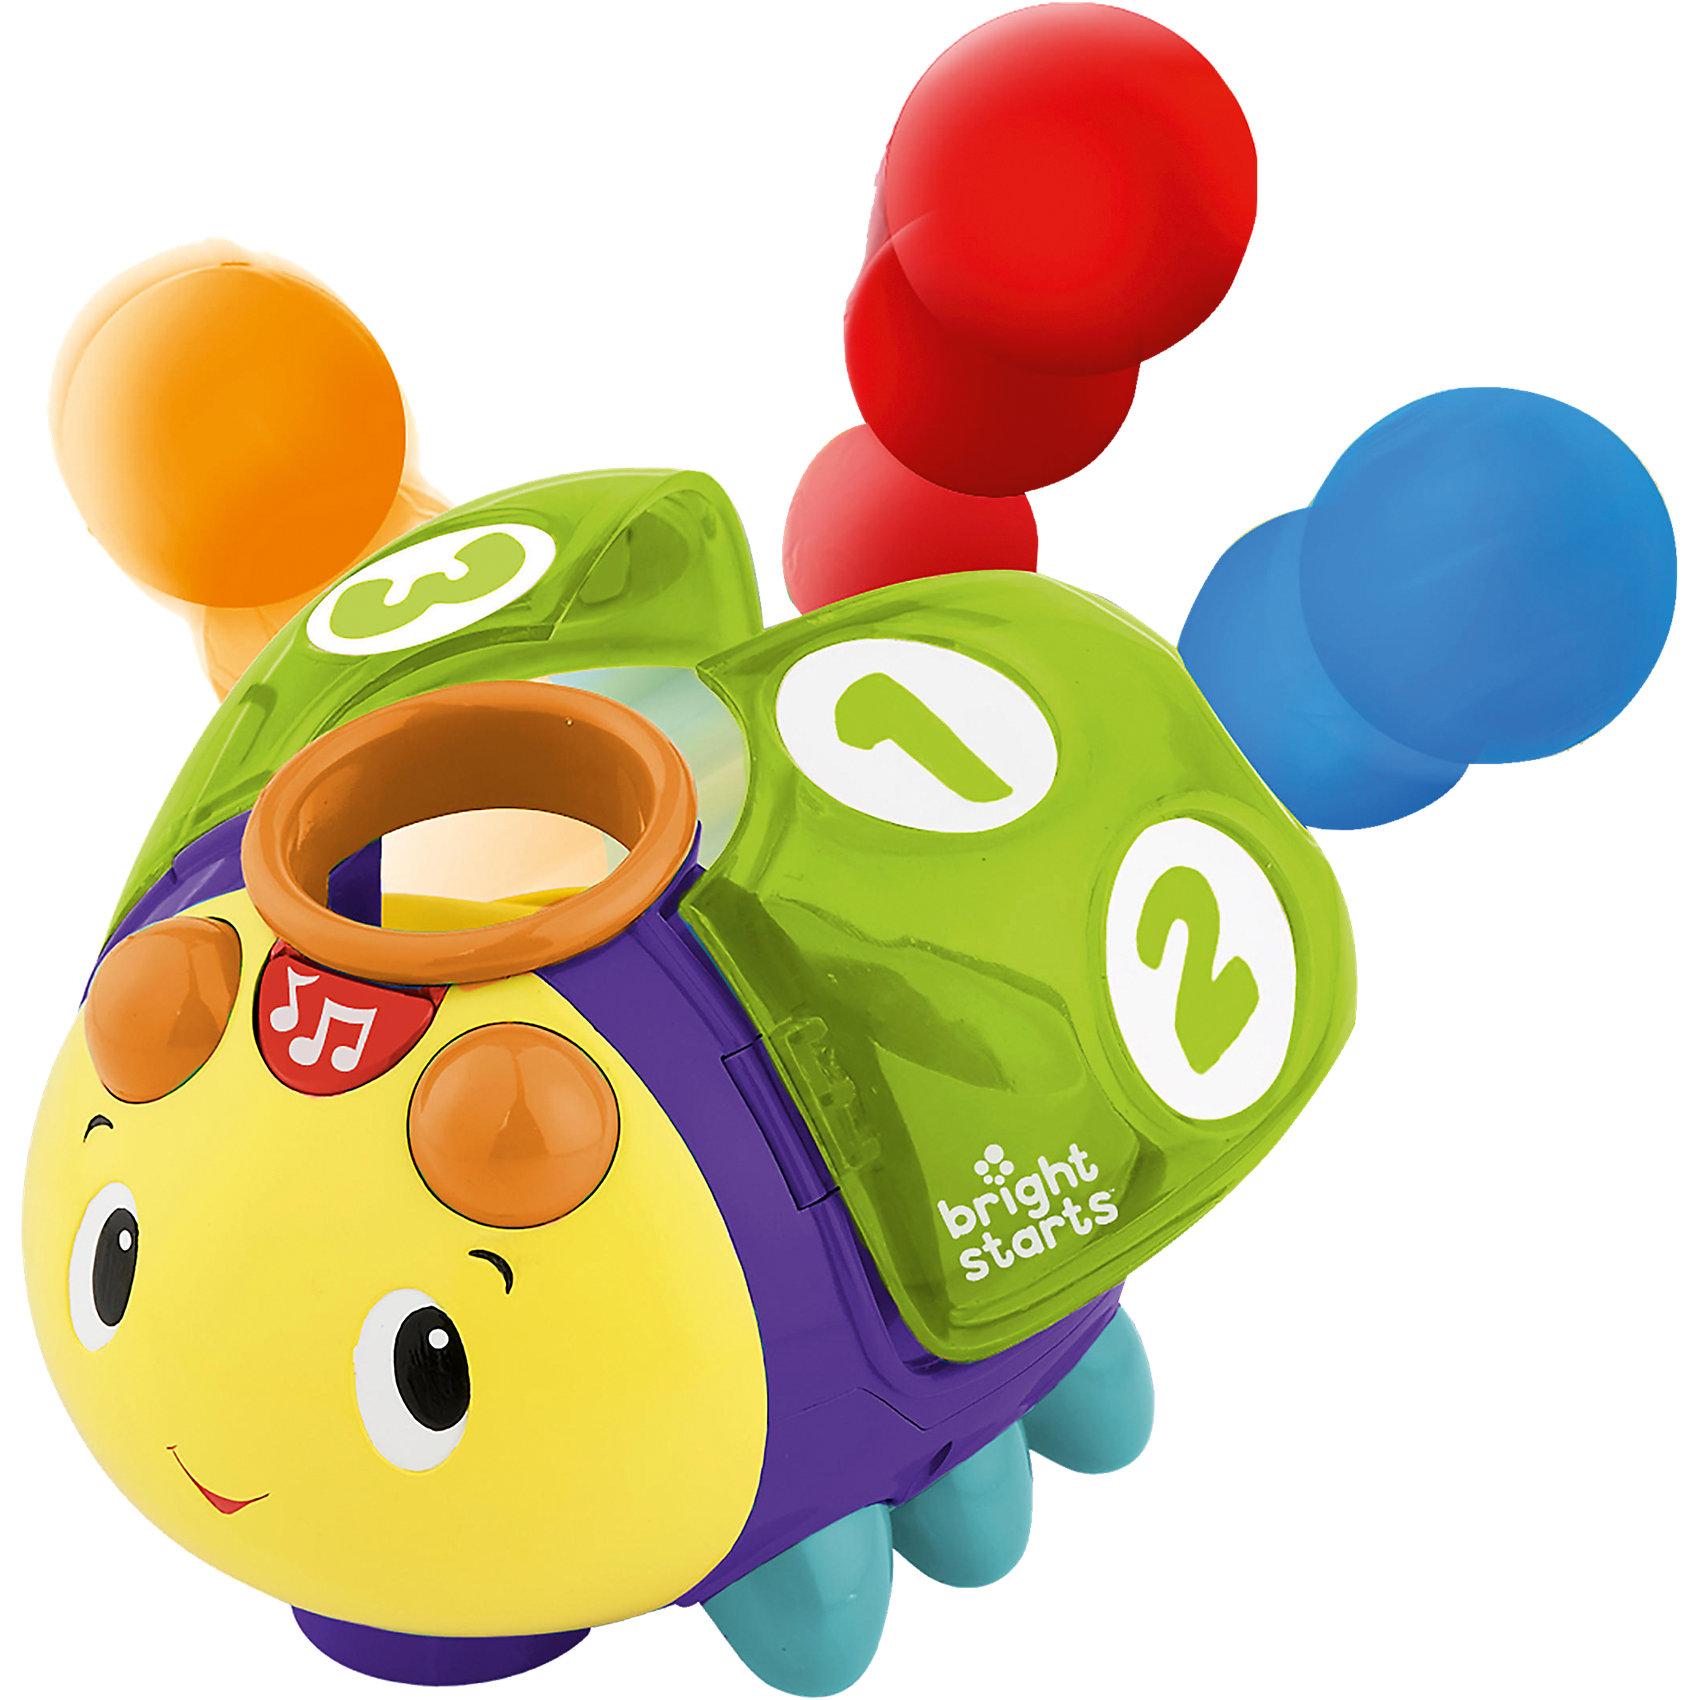 Развивающая игрушка «Жучок 1-2-3», Bright StartsИгрушки для малышей<br>Характеристики развивающей игрушки Bright Starts:<br><br>• размер жучка: 15х15х19 см;<br>• во время движения шарики внутри жучка вращаются;<br>• звуковые эффекты: песенка-считалка;<br>• размеры упаковки: 24х20х19 см;<br>• батарейки включены в комплект: 3 шт. типа АА.<br><br>Музыкальная игрушка «Жучок 1-2-3» передвигается по ровной поверхности, имеет отверстие для шариков, на крылышках изображены крупные цифры от 1 до 3. Чтобы извлечь шарики, необходимо поднять крылышки жучка. Во время движения звучит приятная мелодия. Когда жучок наткнется на препятствие, он разворачивается и продолжает свой путь. <br><br>Развивающую игрушку «Жучок 1-2-3», Bright Starts можно купить в нашем интернет-магазине.<br><br>Ширина мм: 200<br>Глубина мм: 200<br>Высота мм: 241<br>Вес г: 829<br>Возраст от месяцев: 6<br>Возраст до месяцев: 24<br>Пол: Унисекс<br>Возраст: Детский<br>SKU: 4585928